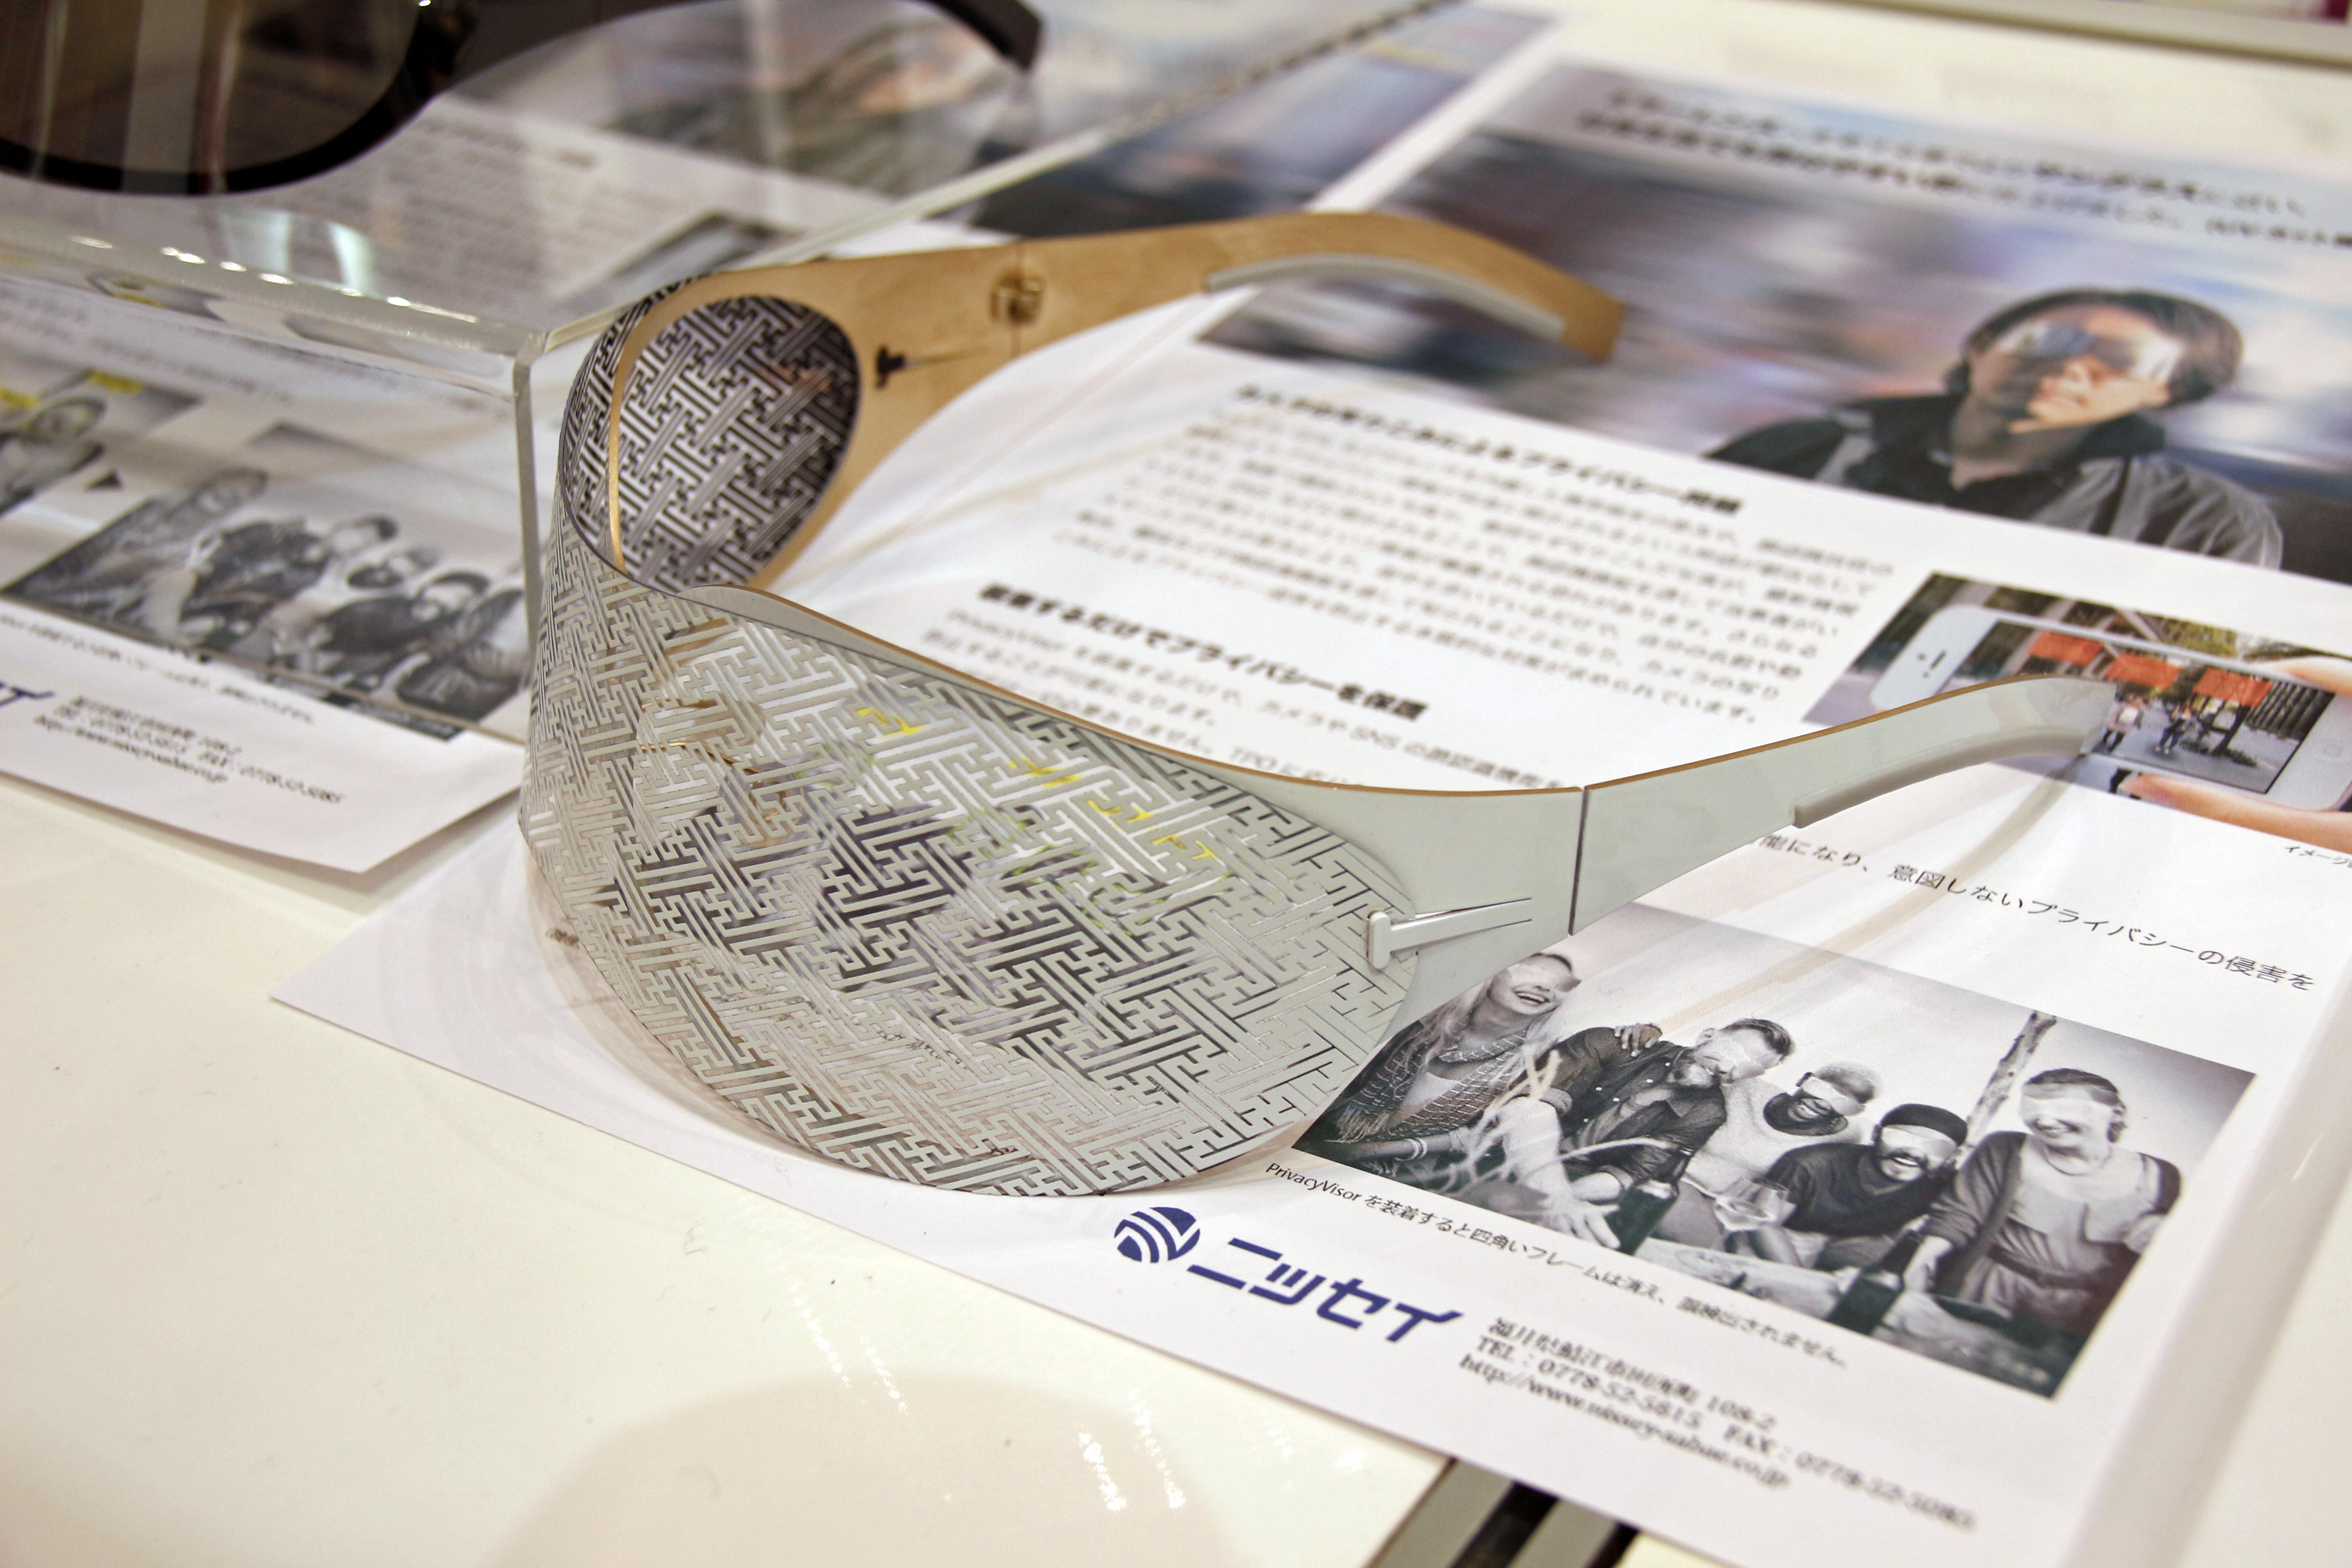 初期モデルは顔検出の妨害性が高いが、前面の独特なパターンが視認性を若干低下させている。また、顔検出を妨害できるものの、デザイン的にはかえって目立ちやすくなるため、新モデルではサングラス寄りの見た目になった